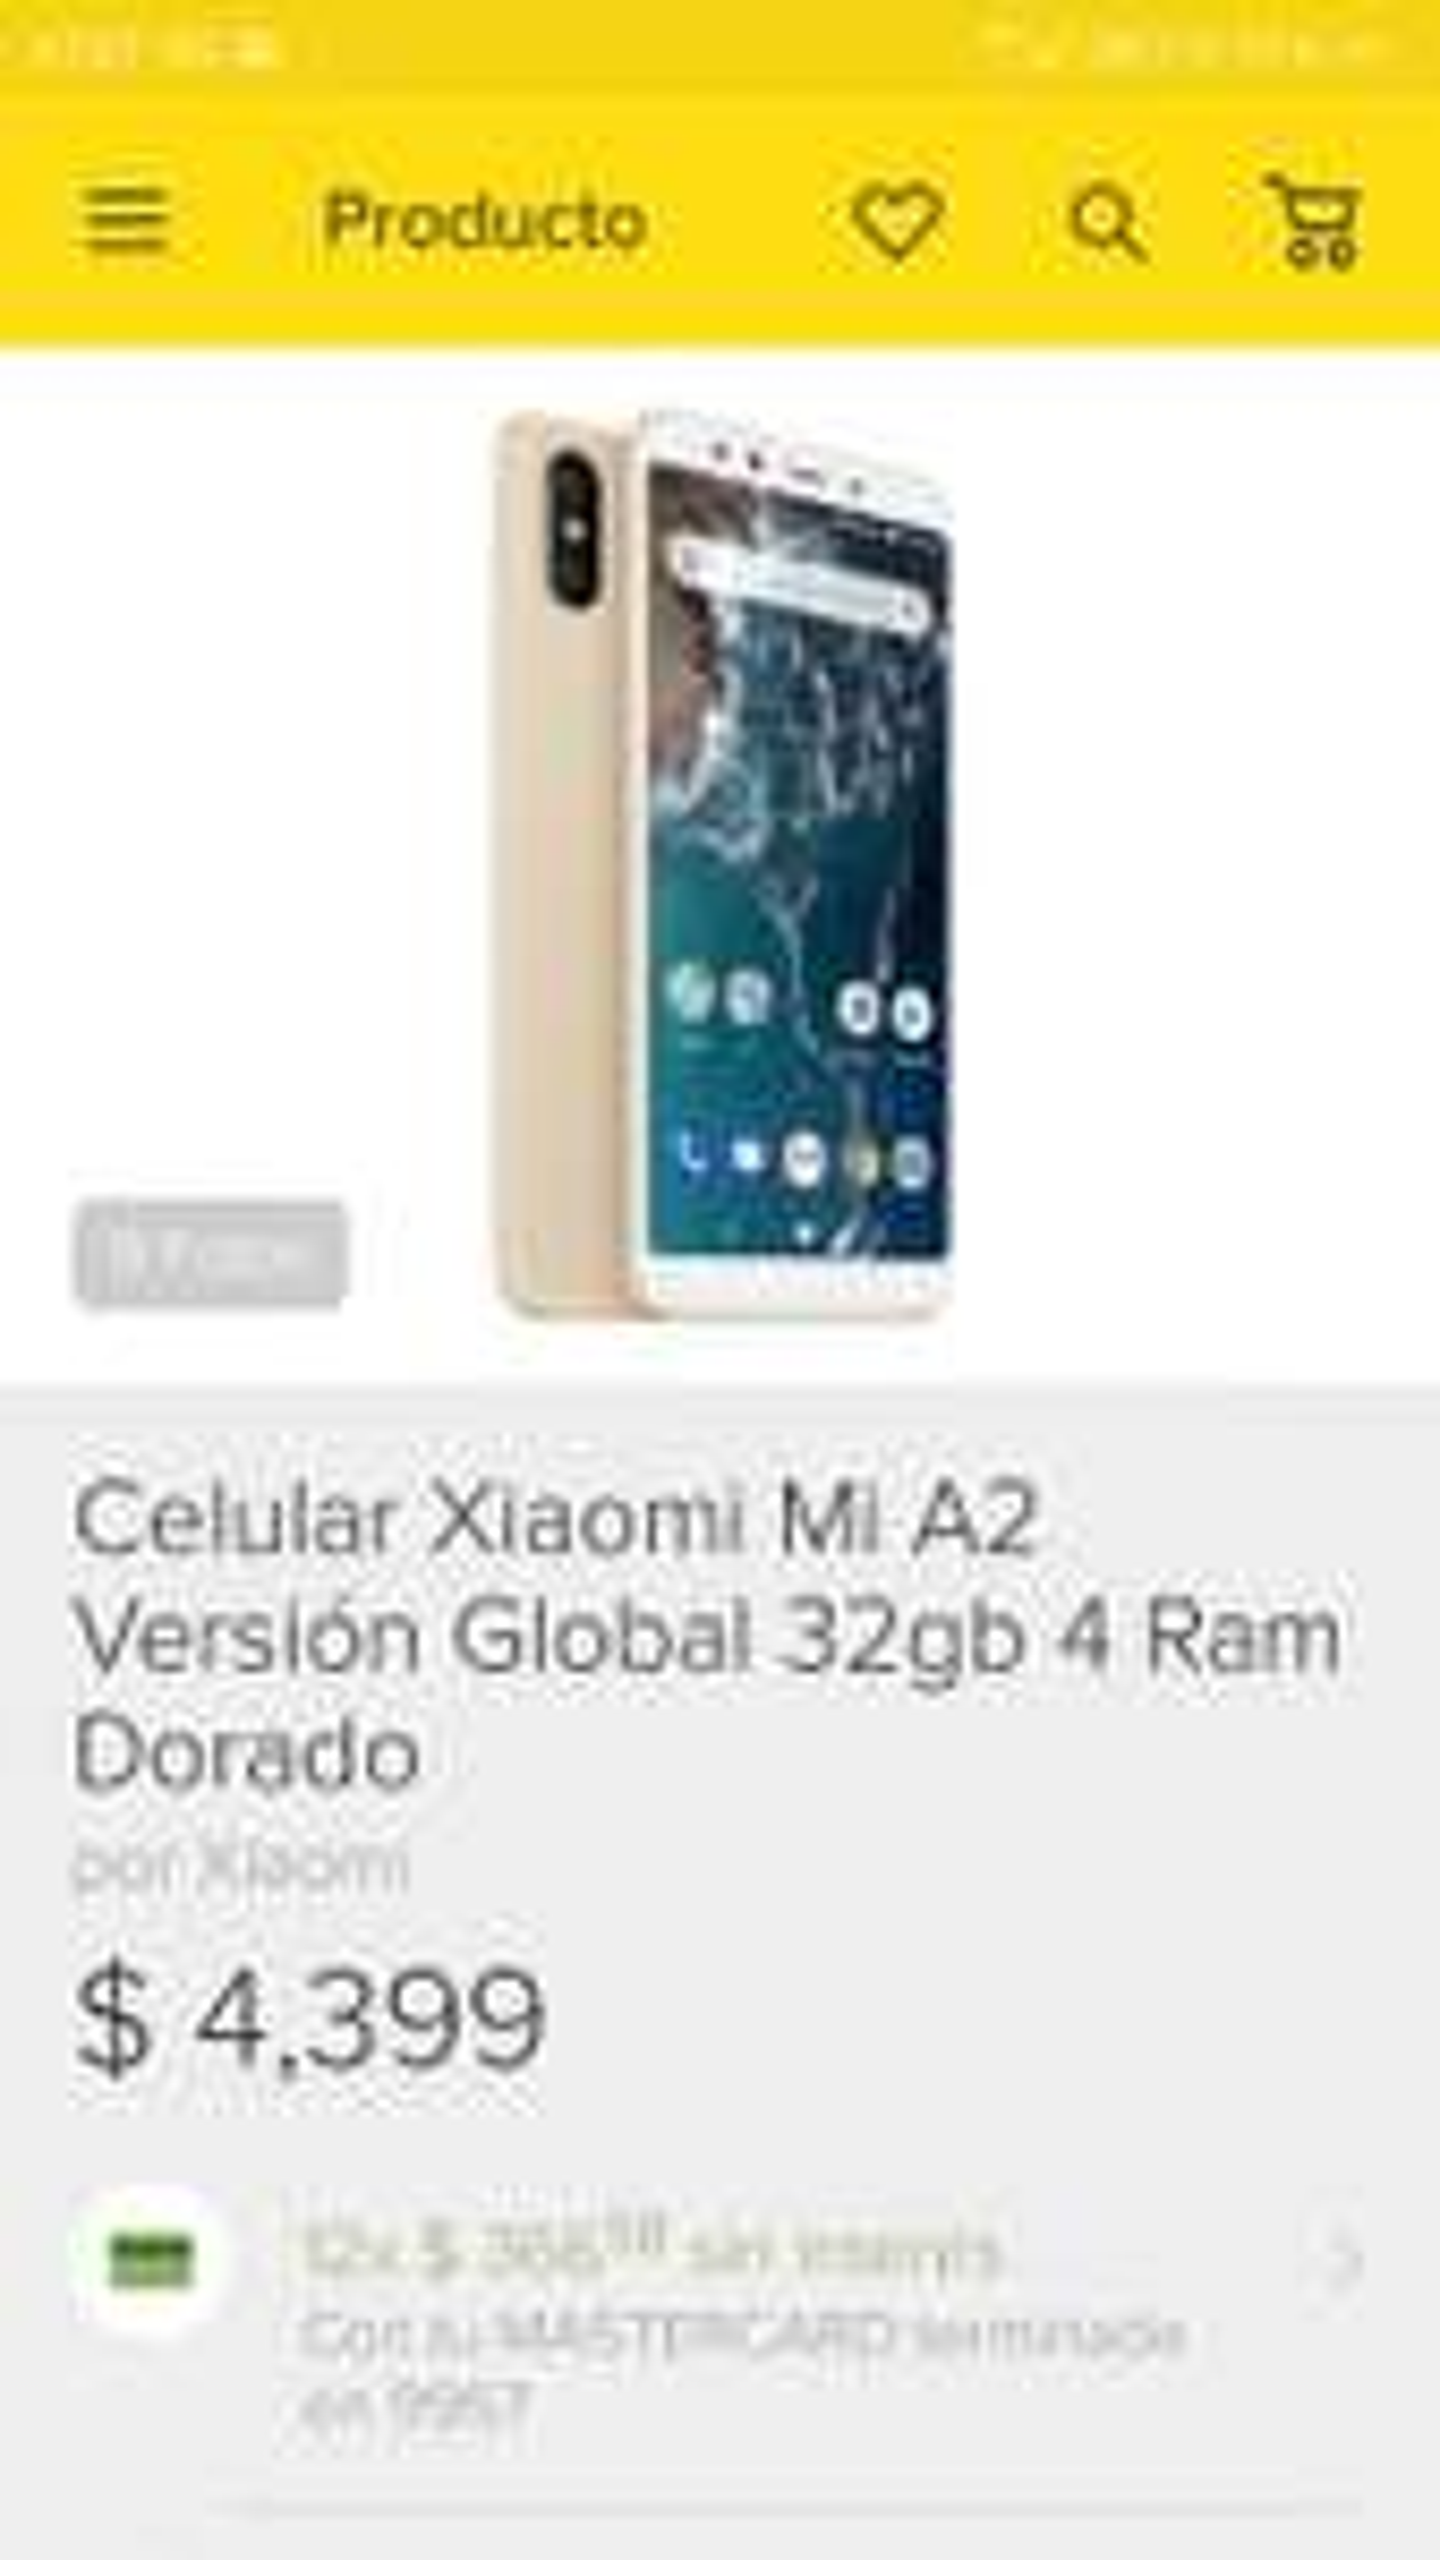 Tienda Oficial Xiaomi en Mercadolibre: Xiaomi a2